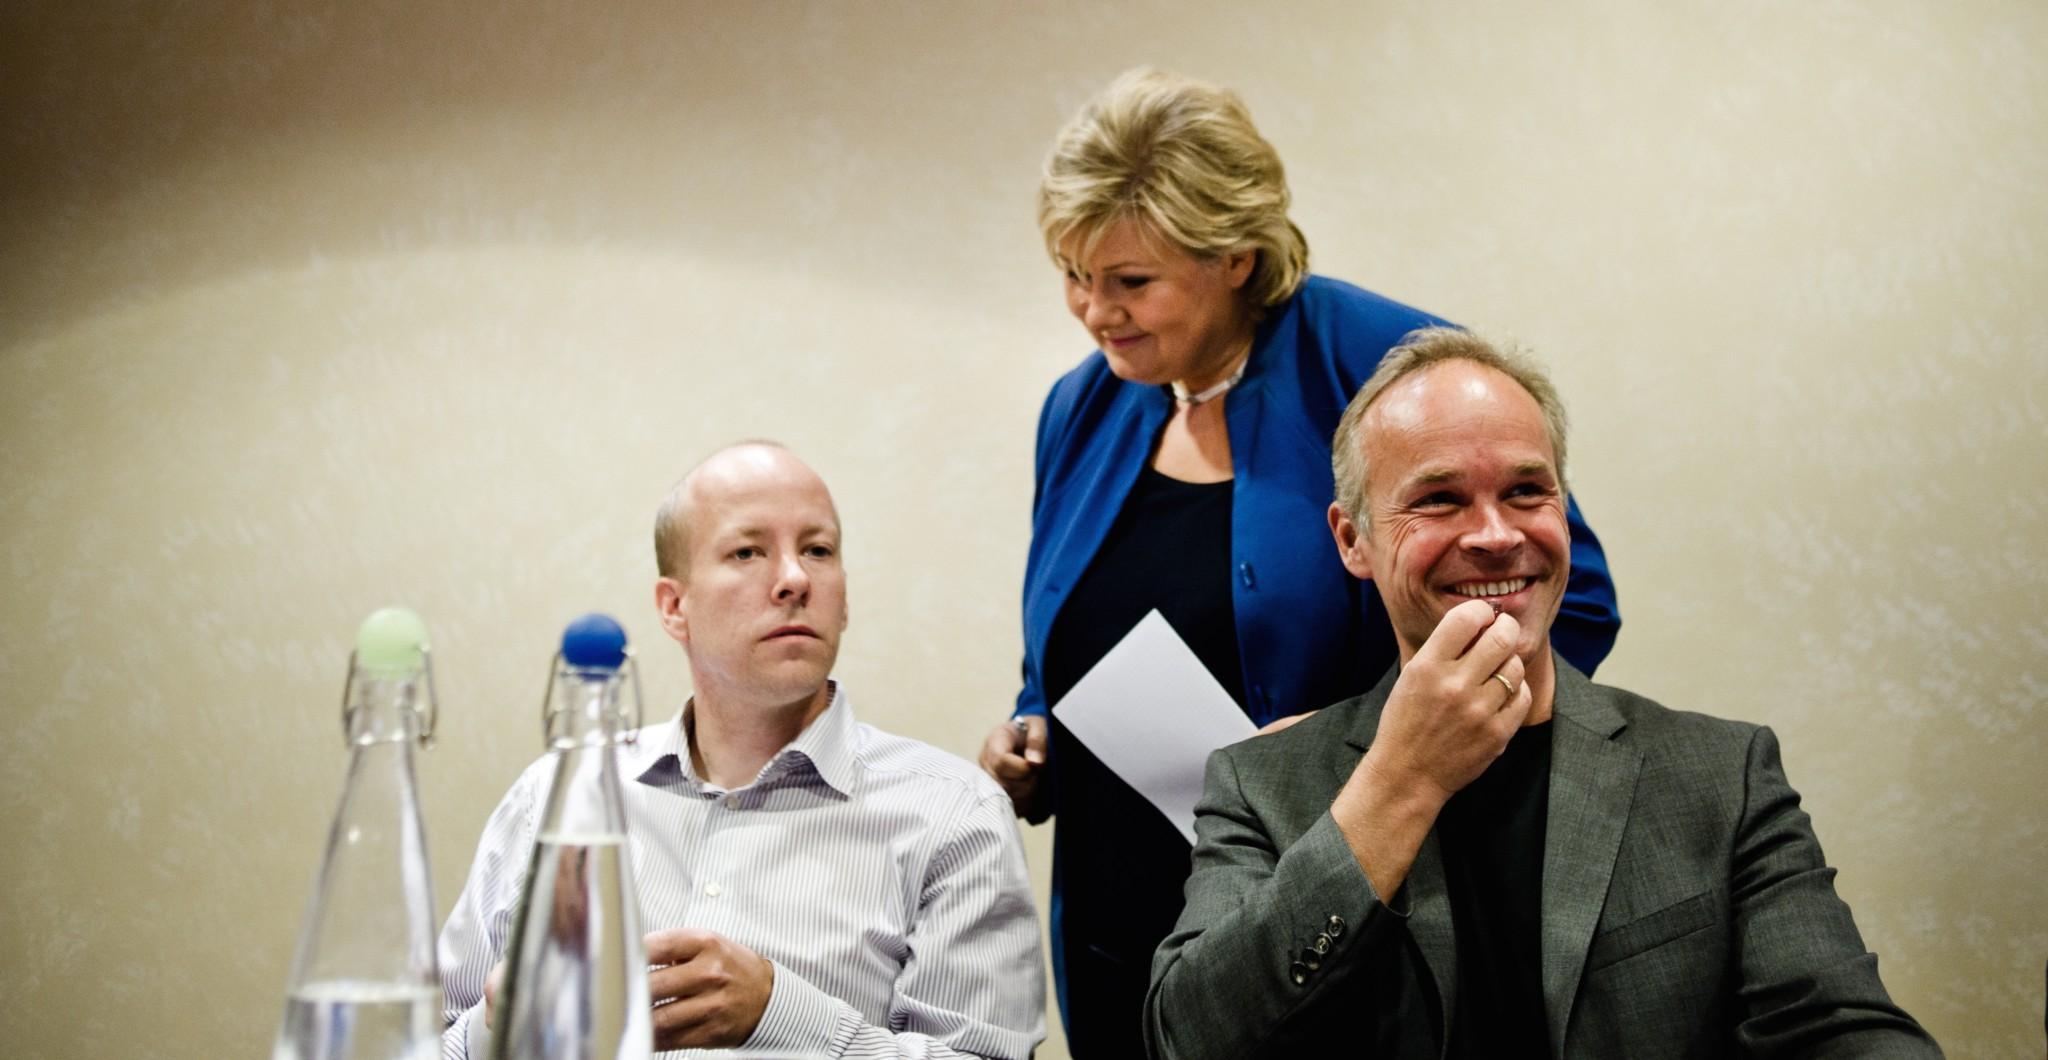 — Høyres forhandlingsleder stod bak